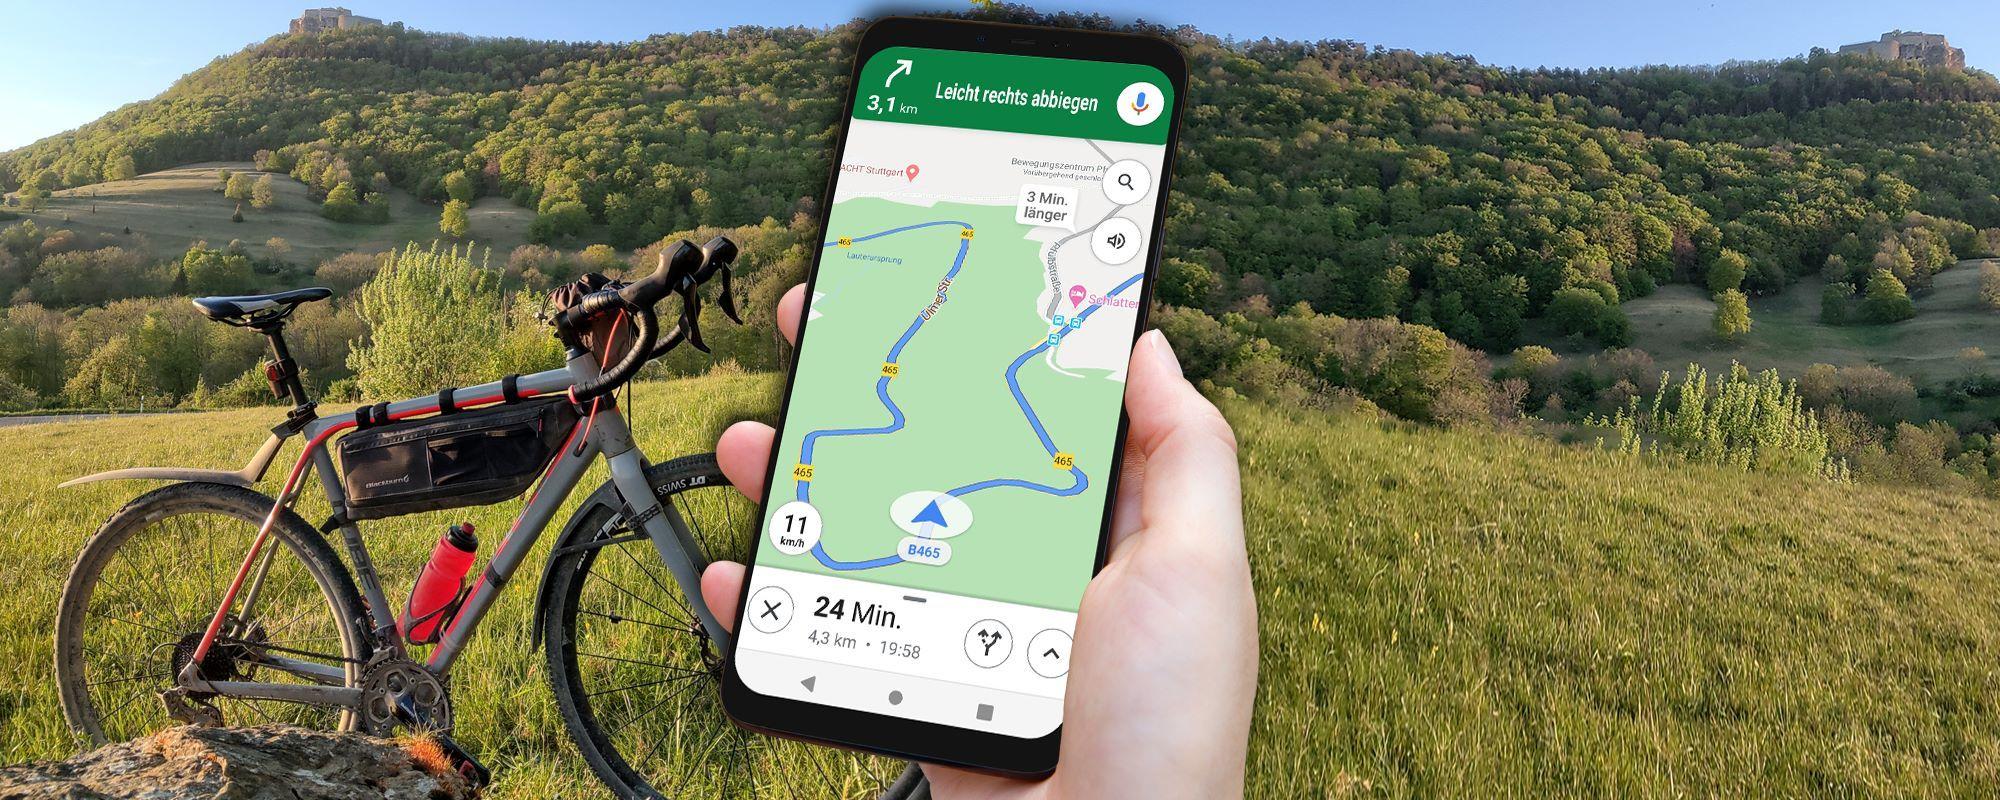 Google Maps Fahrrad Navigation - Wie gut ist Google Maps fürs Fahrrad? (Vollständige Anleitung)